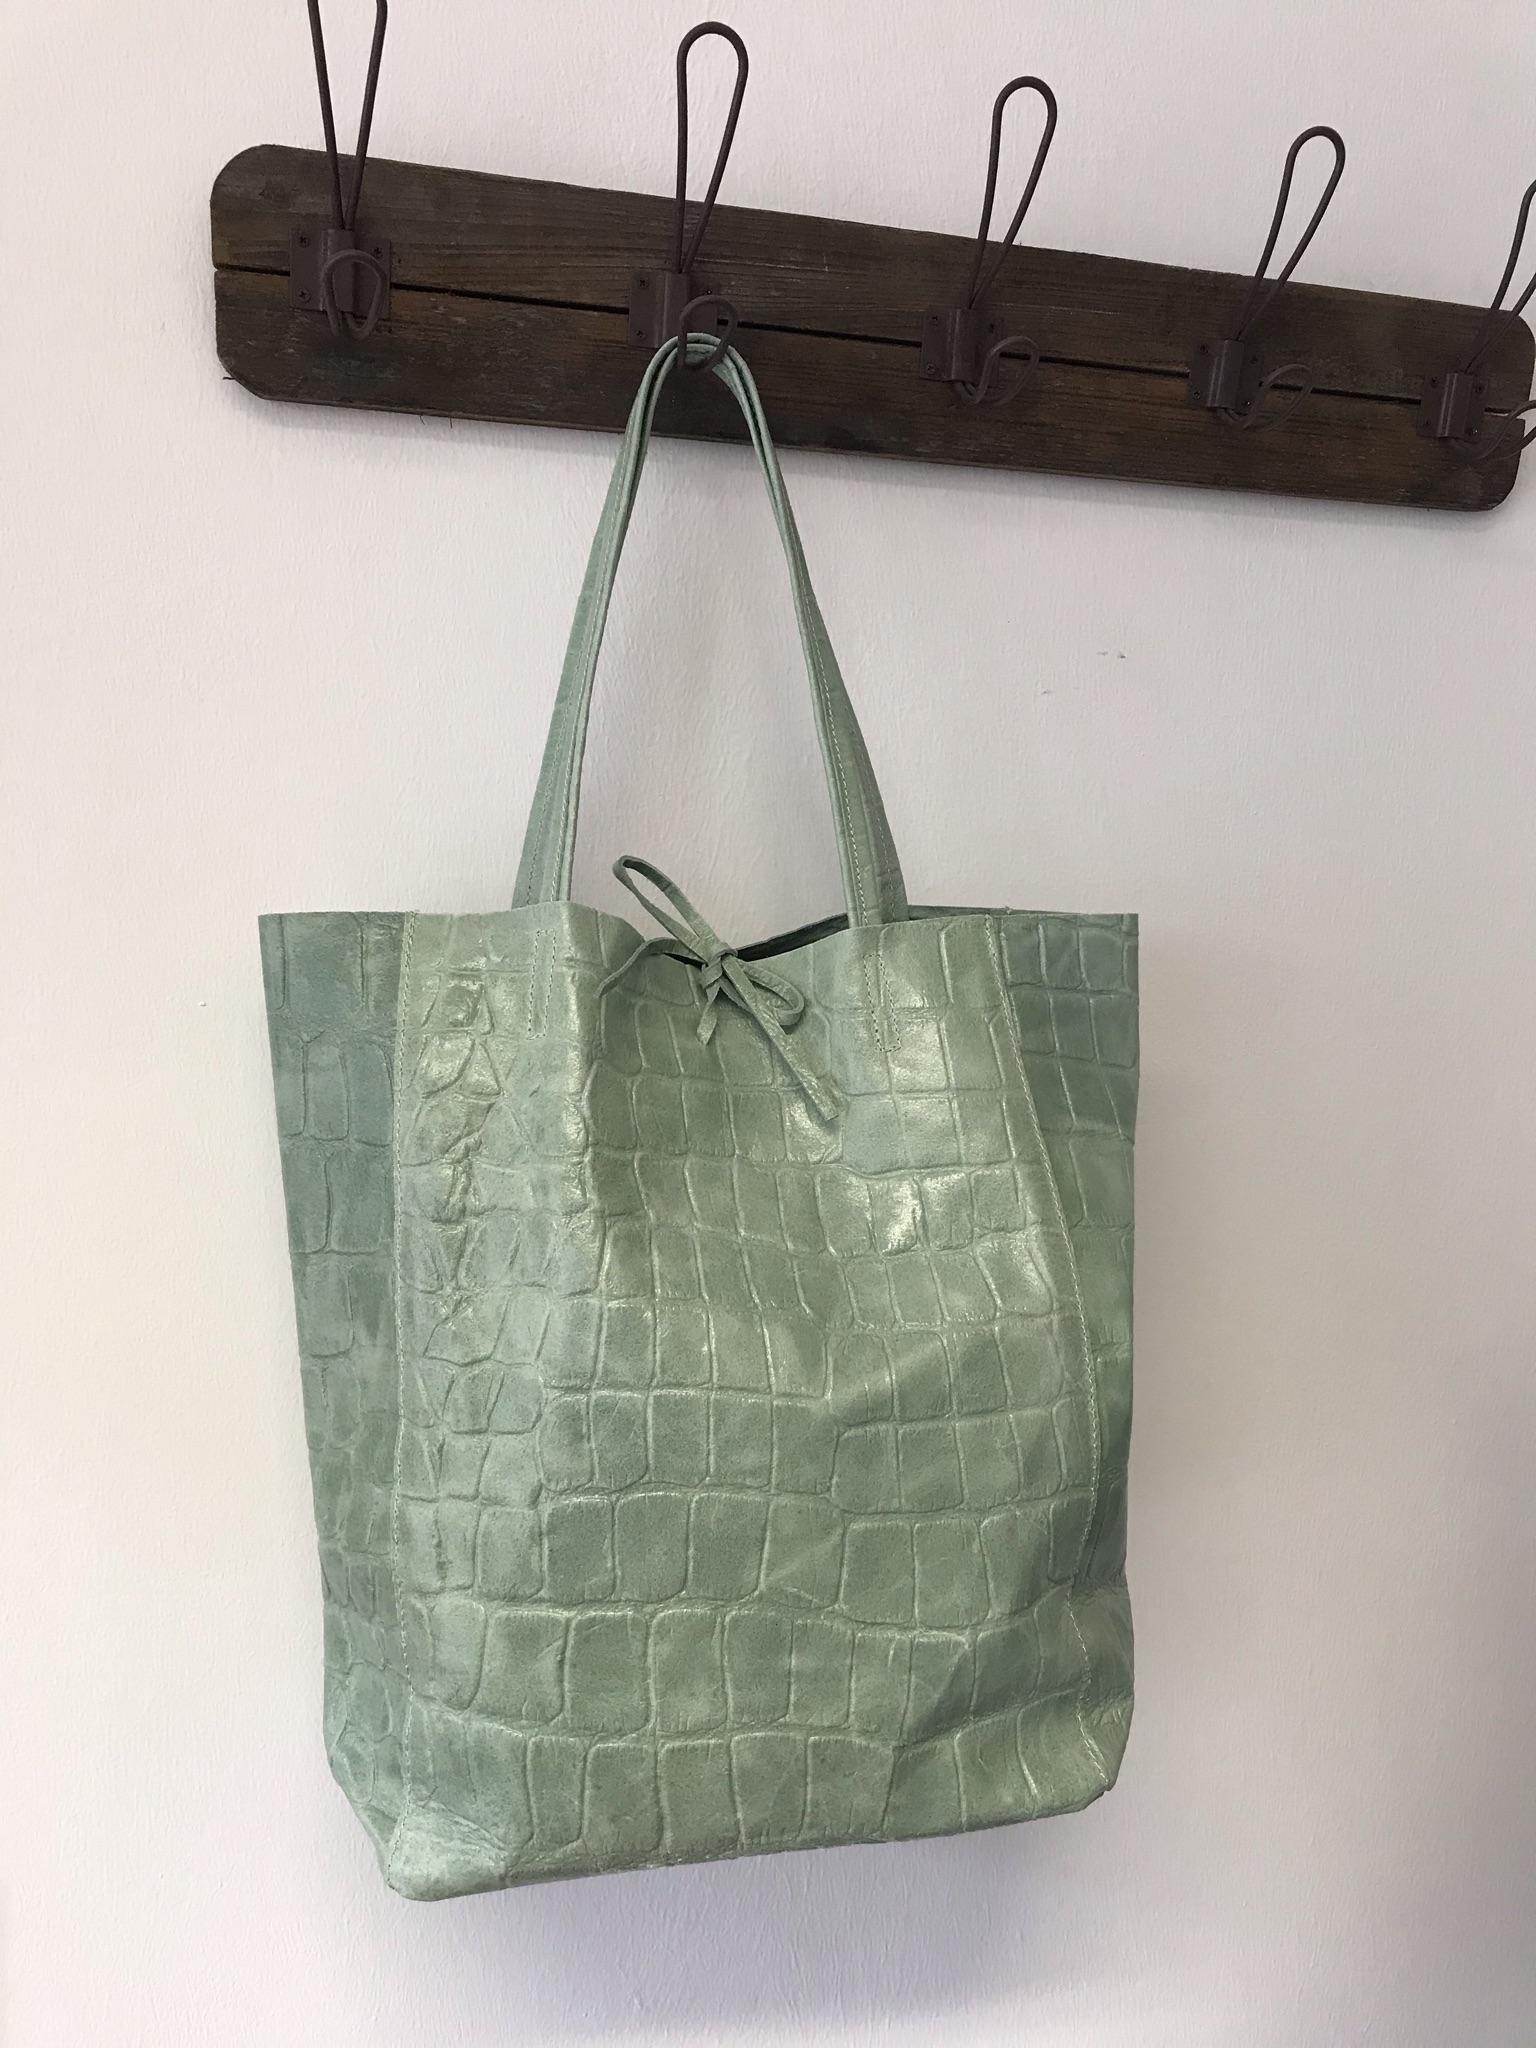 Damenhandtasche Leder in salbeifarben